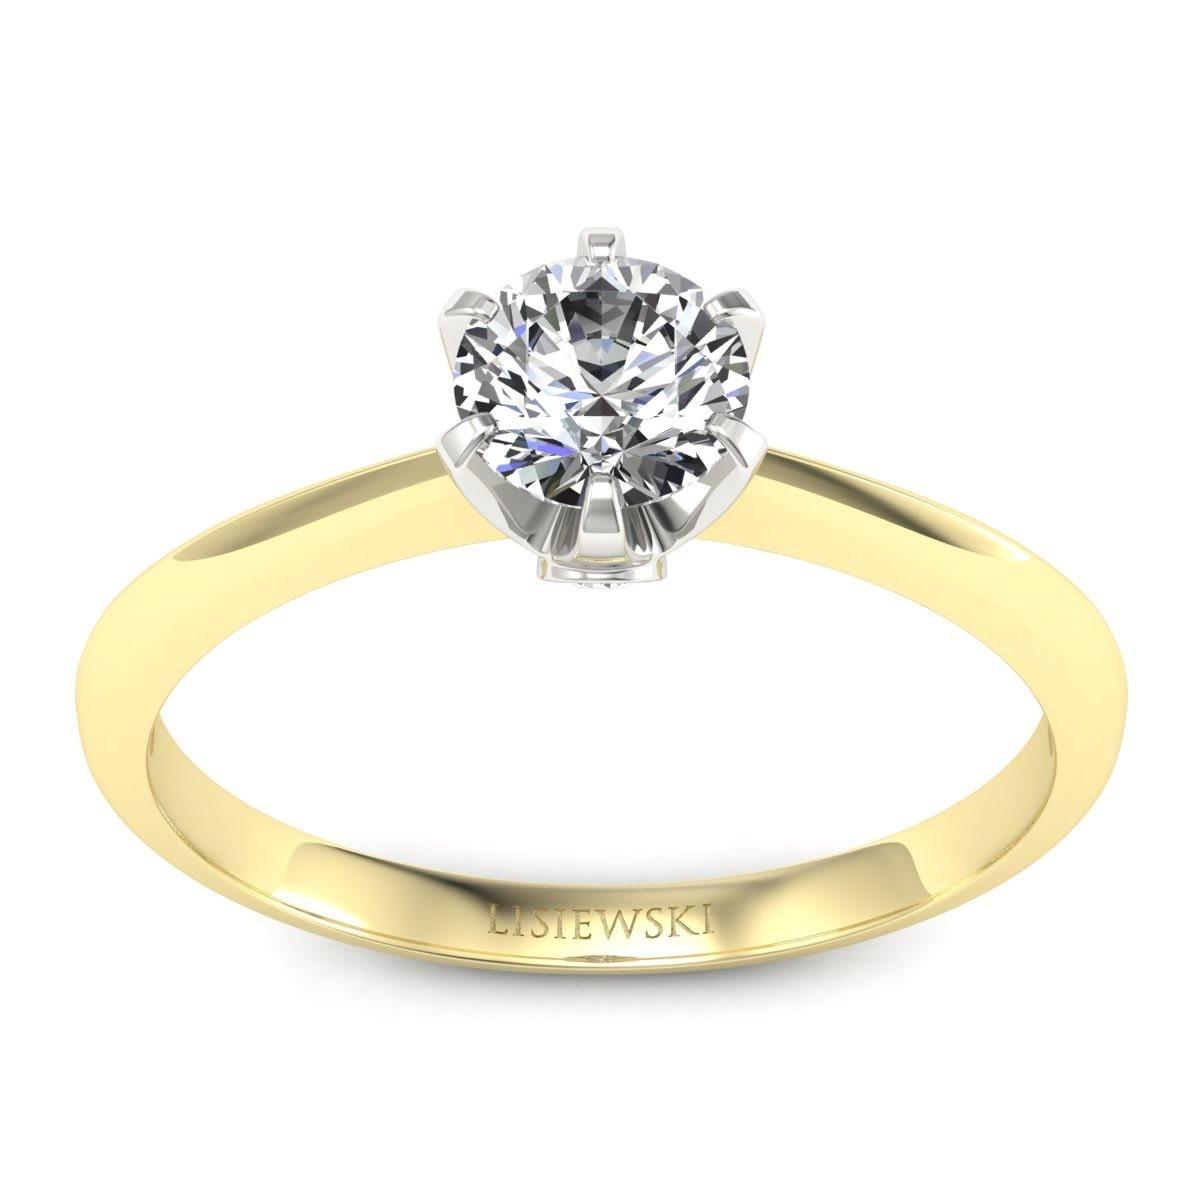 Solitaire - pierścionek złoty z brylantami